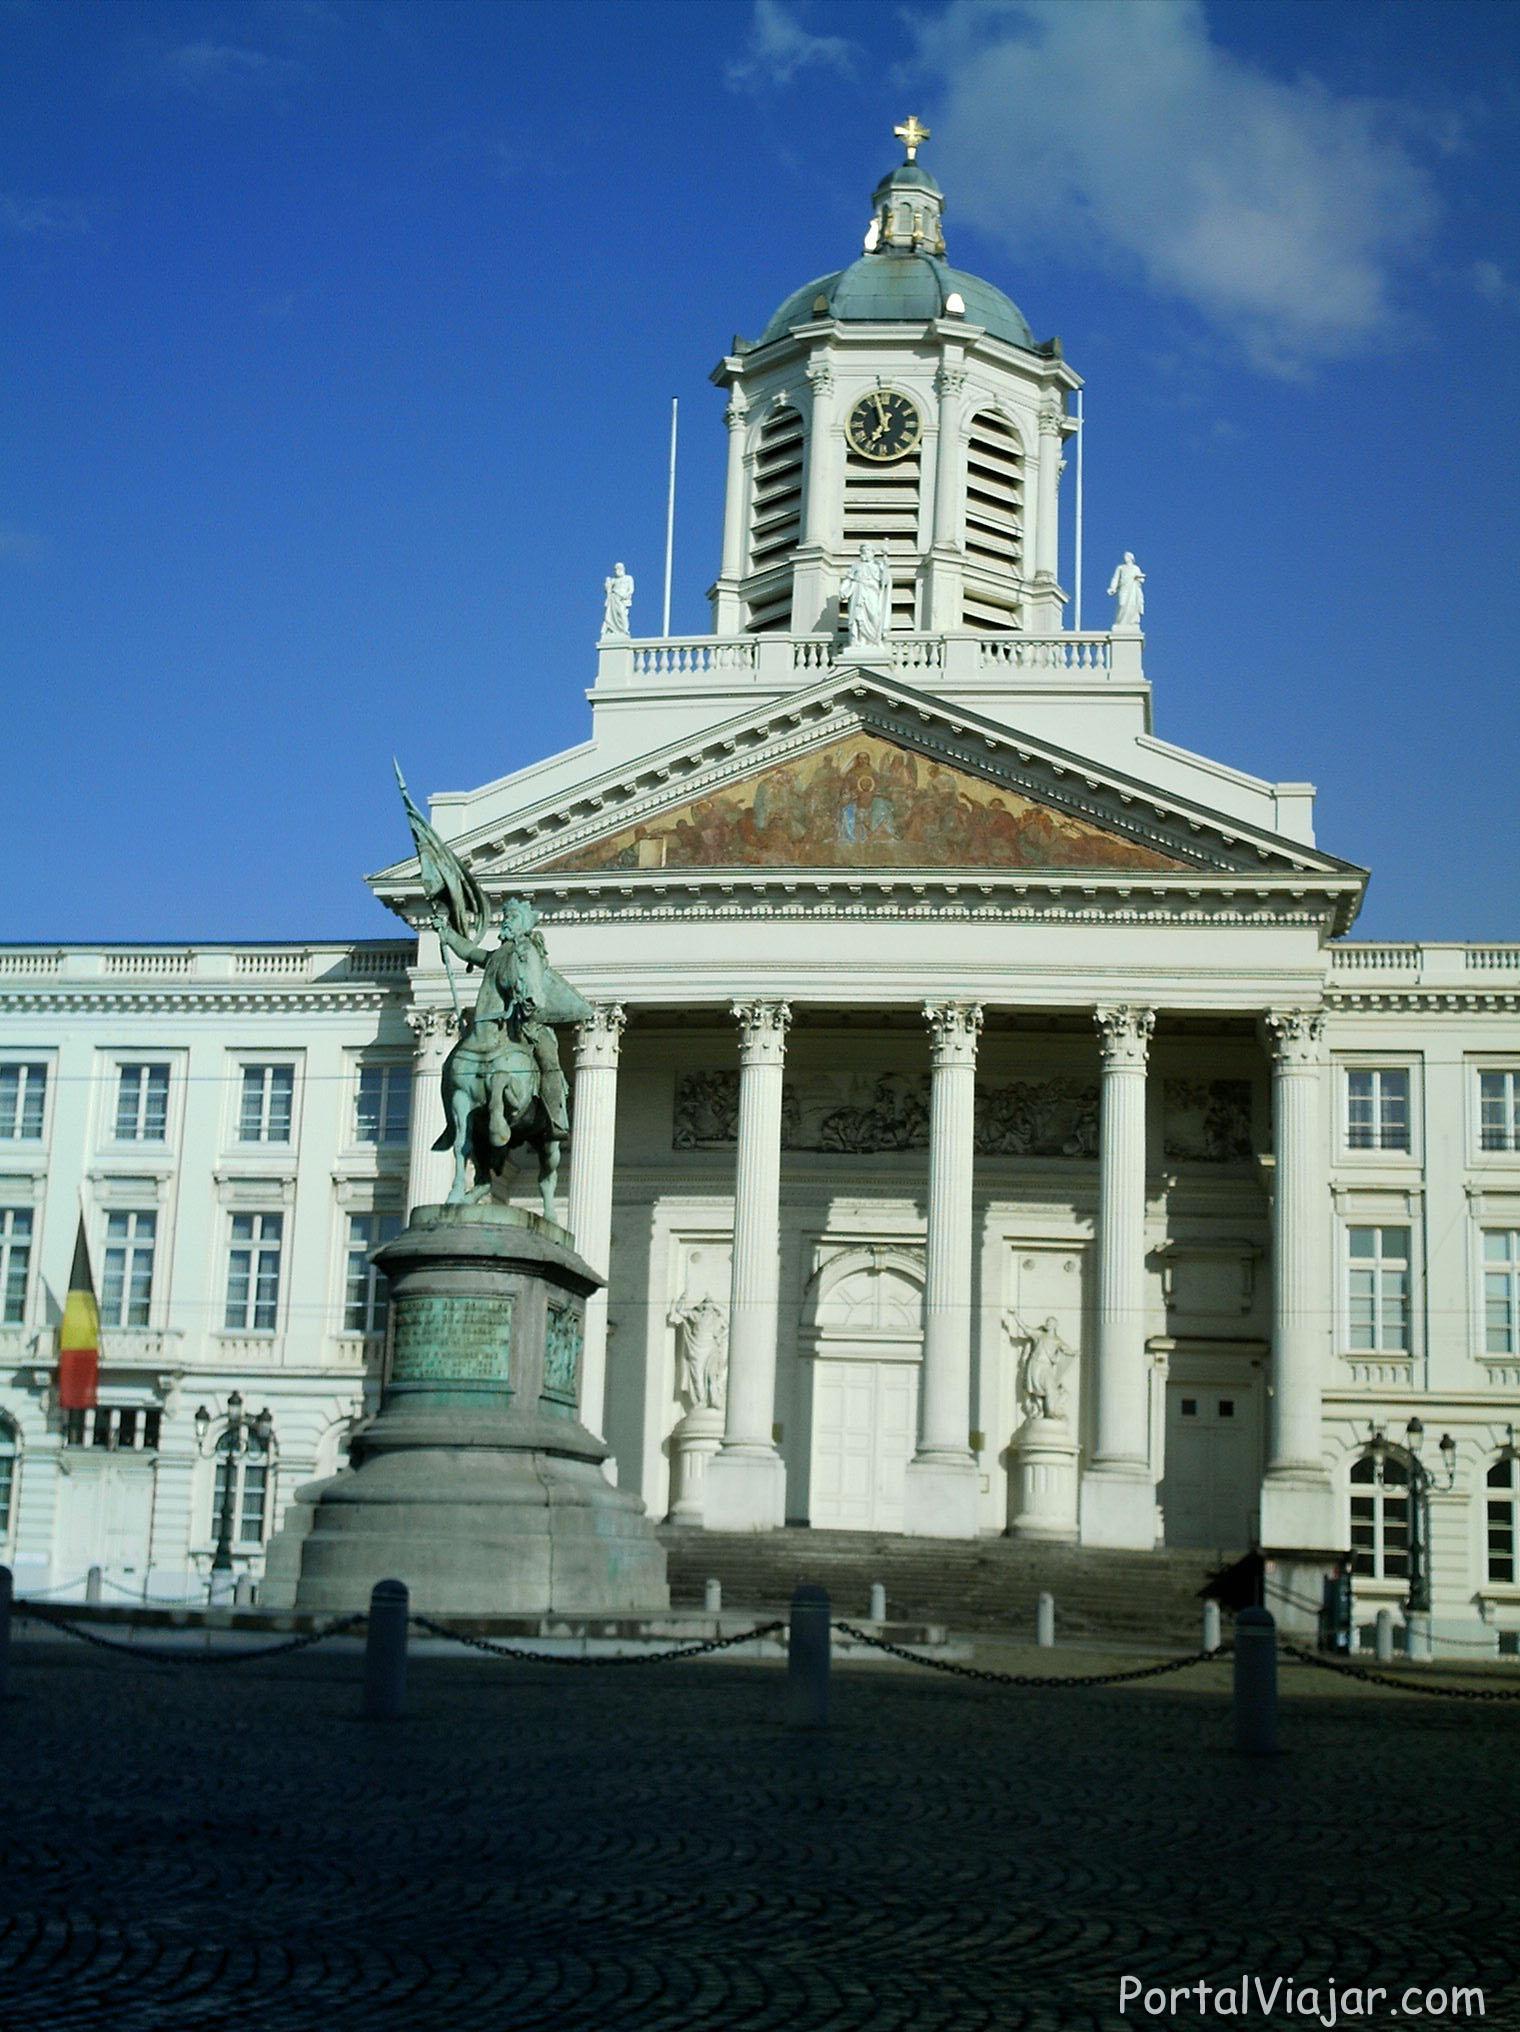 Iglesia Saint-Jacques sur Coudenberg (Bruselas)